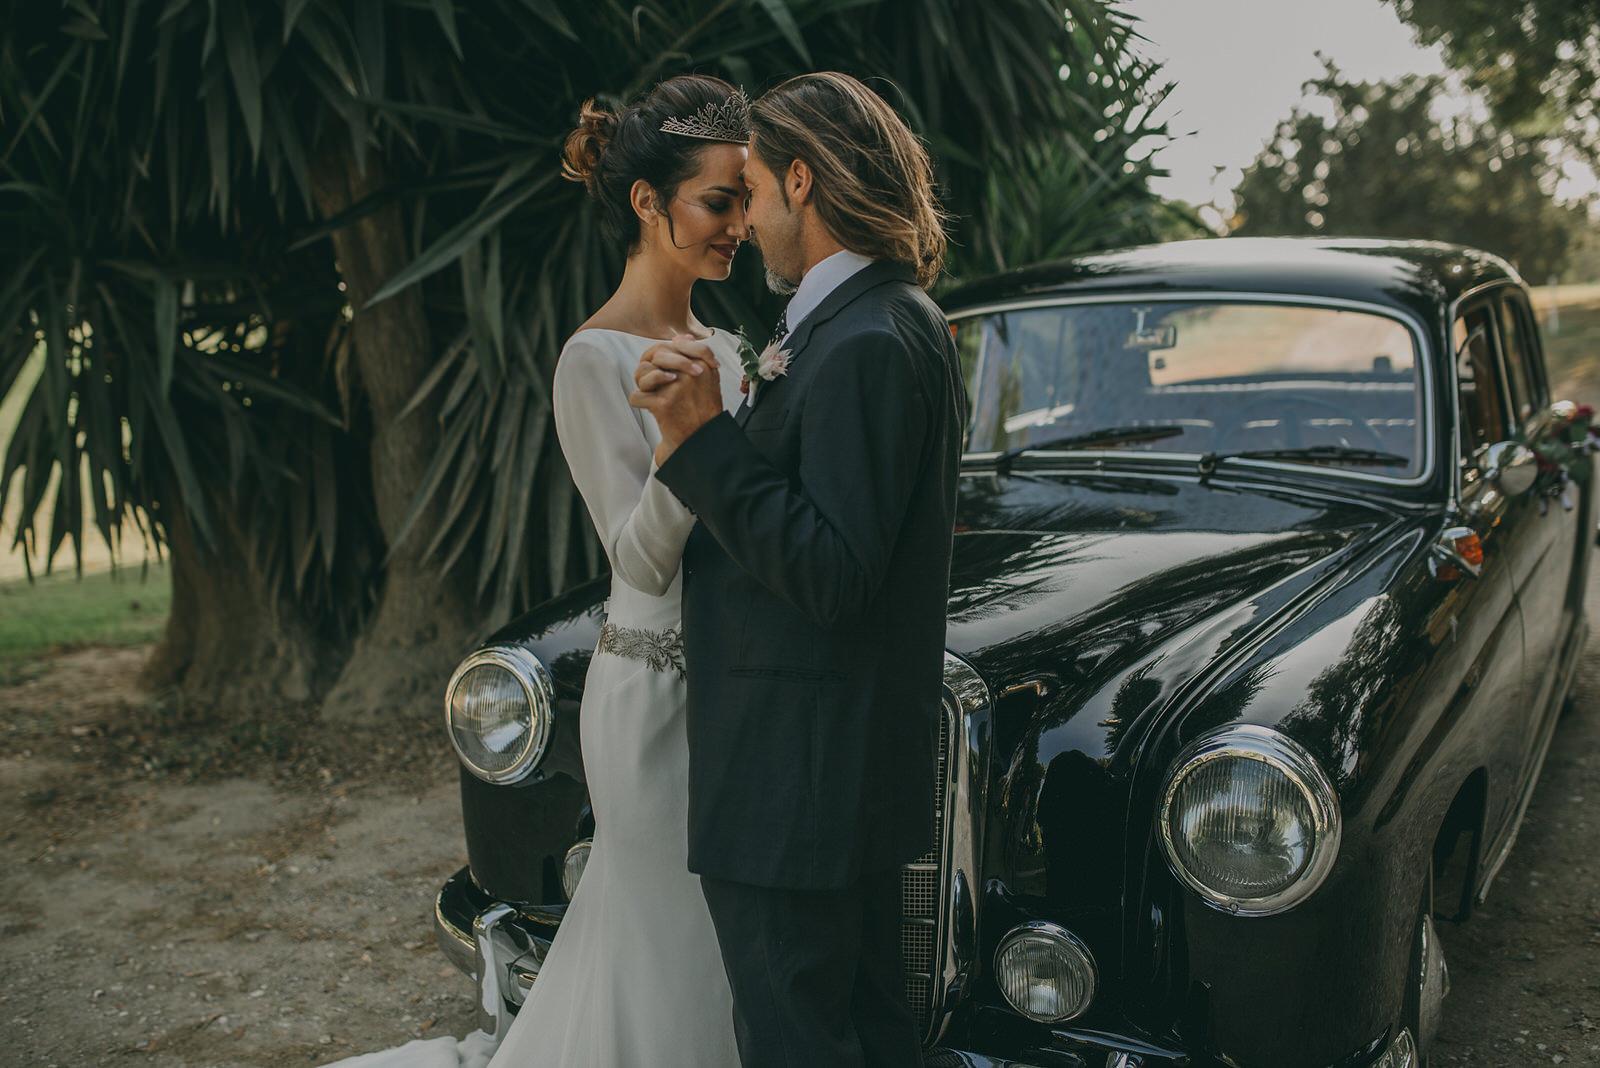 Mercedes Benz del año 51